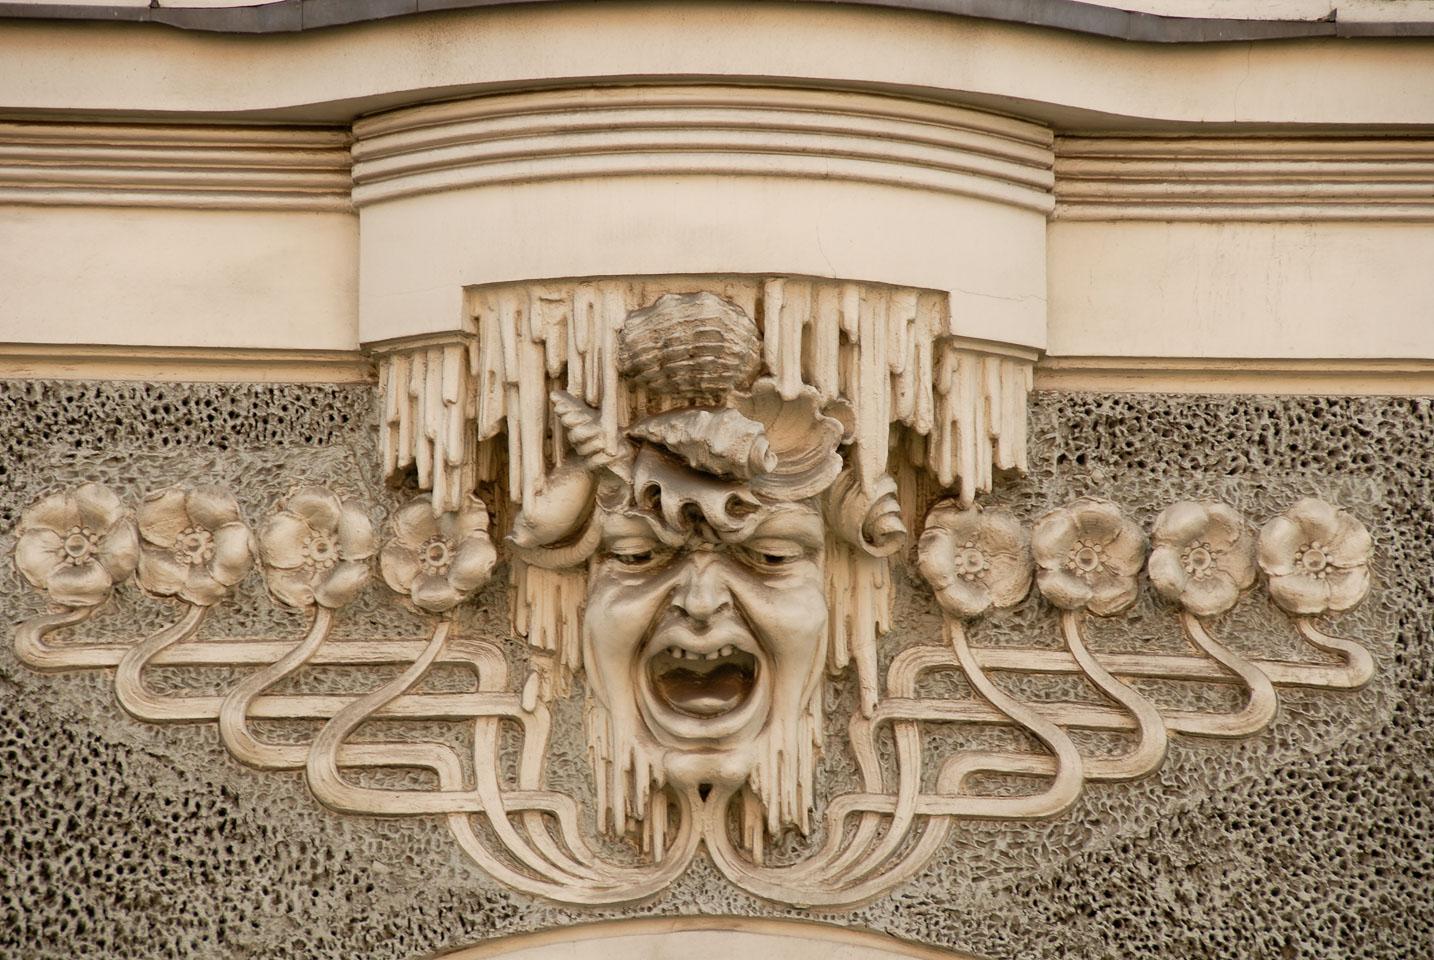 LE080123-Riga-Art-nouveau-facade.jpg